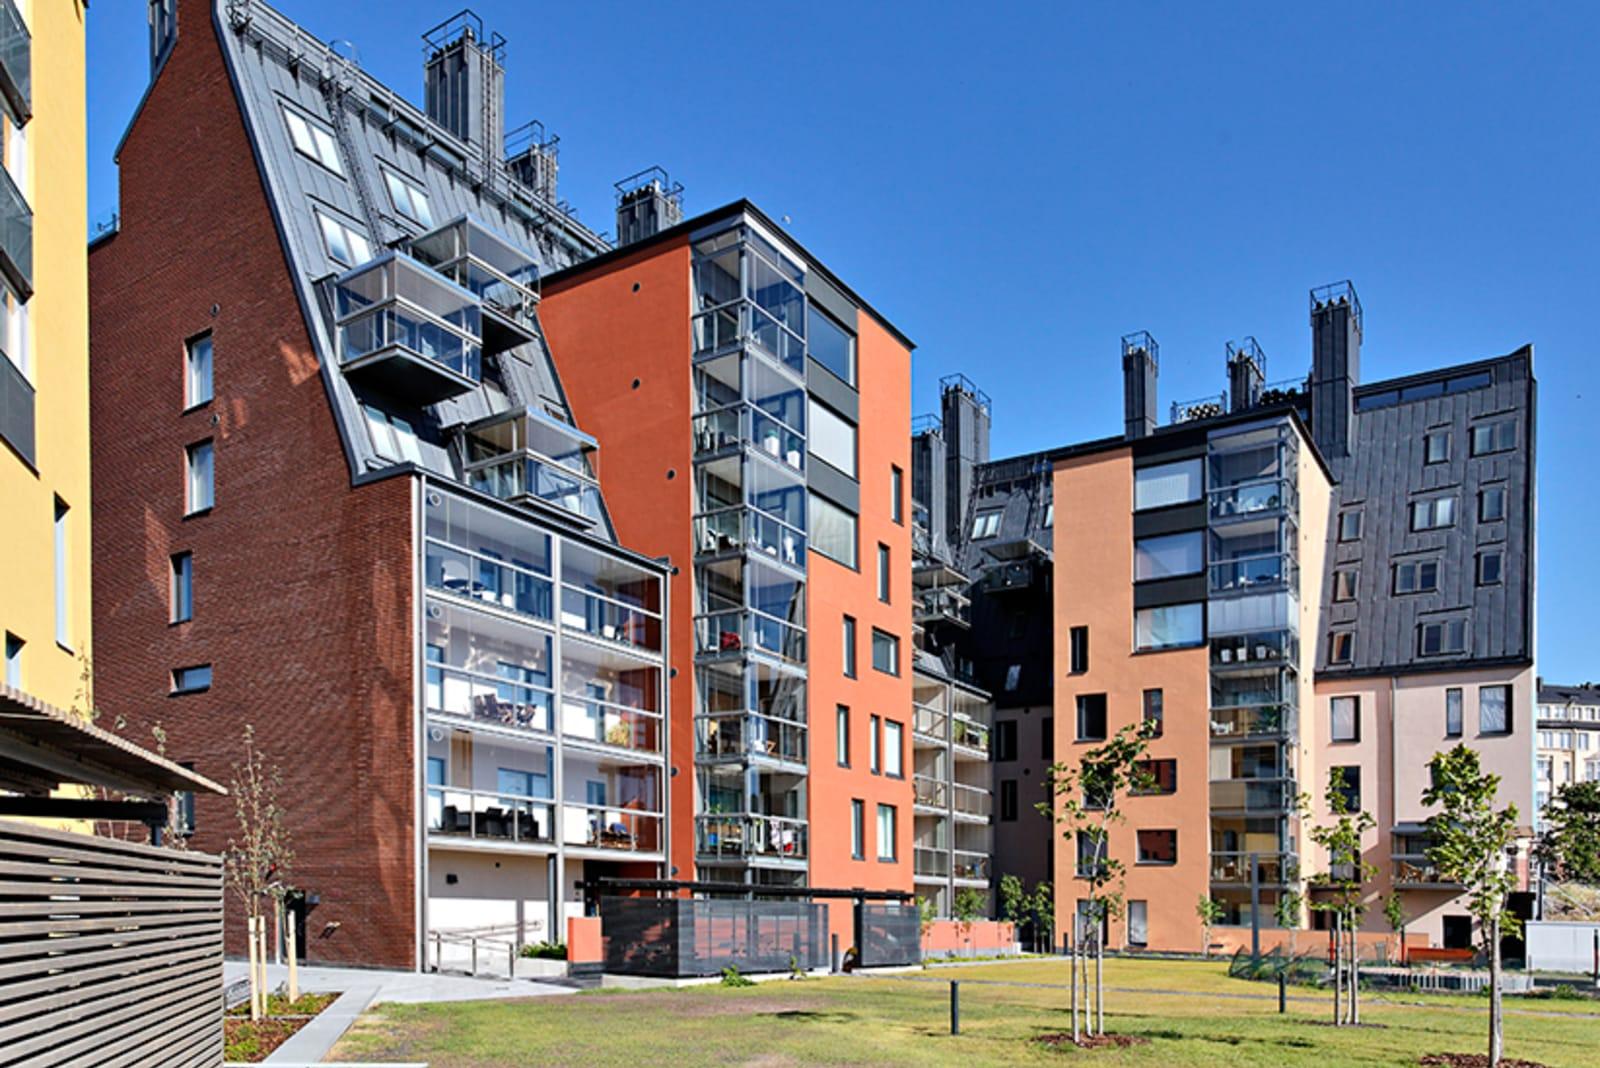 Helsinki, Etu-Töölö, Pohjoinen Rautatiekatu 31